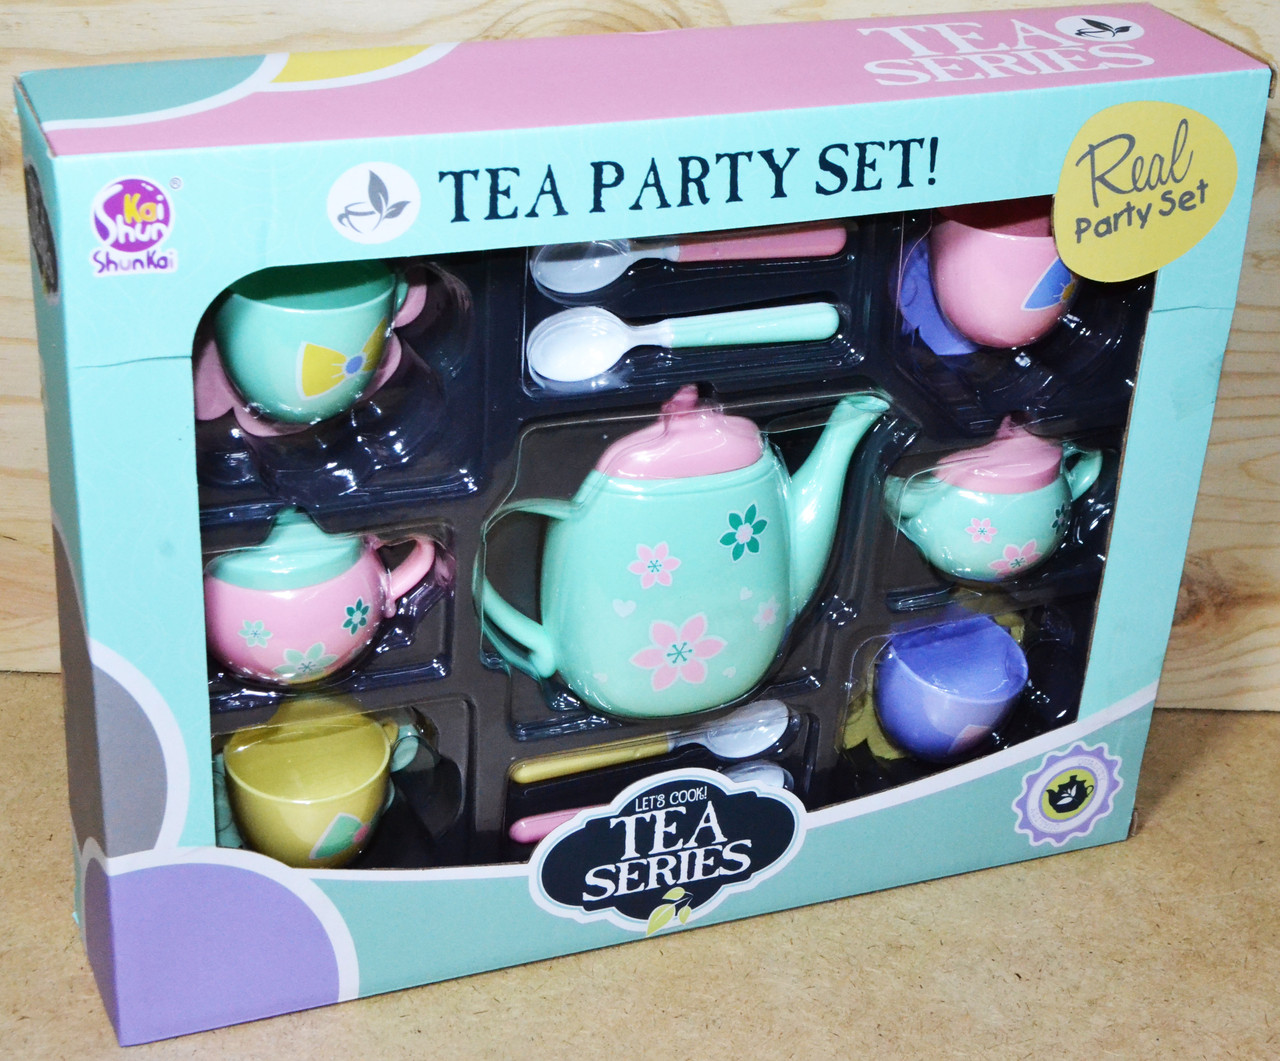 SK16D Чайный сервис Let's Cook! Tea Series 34*27см